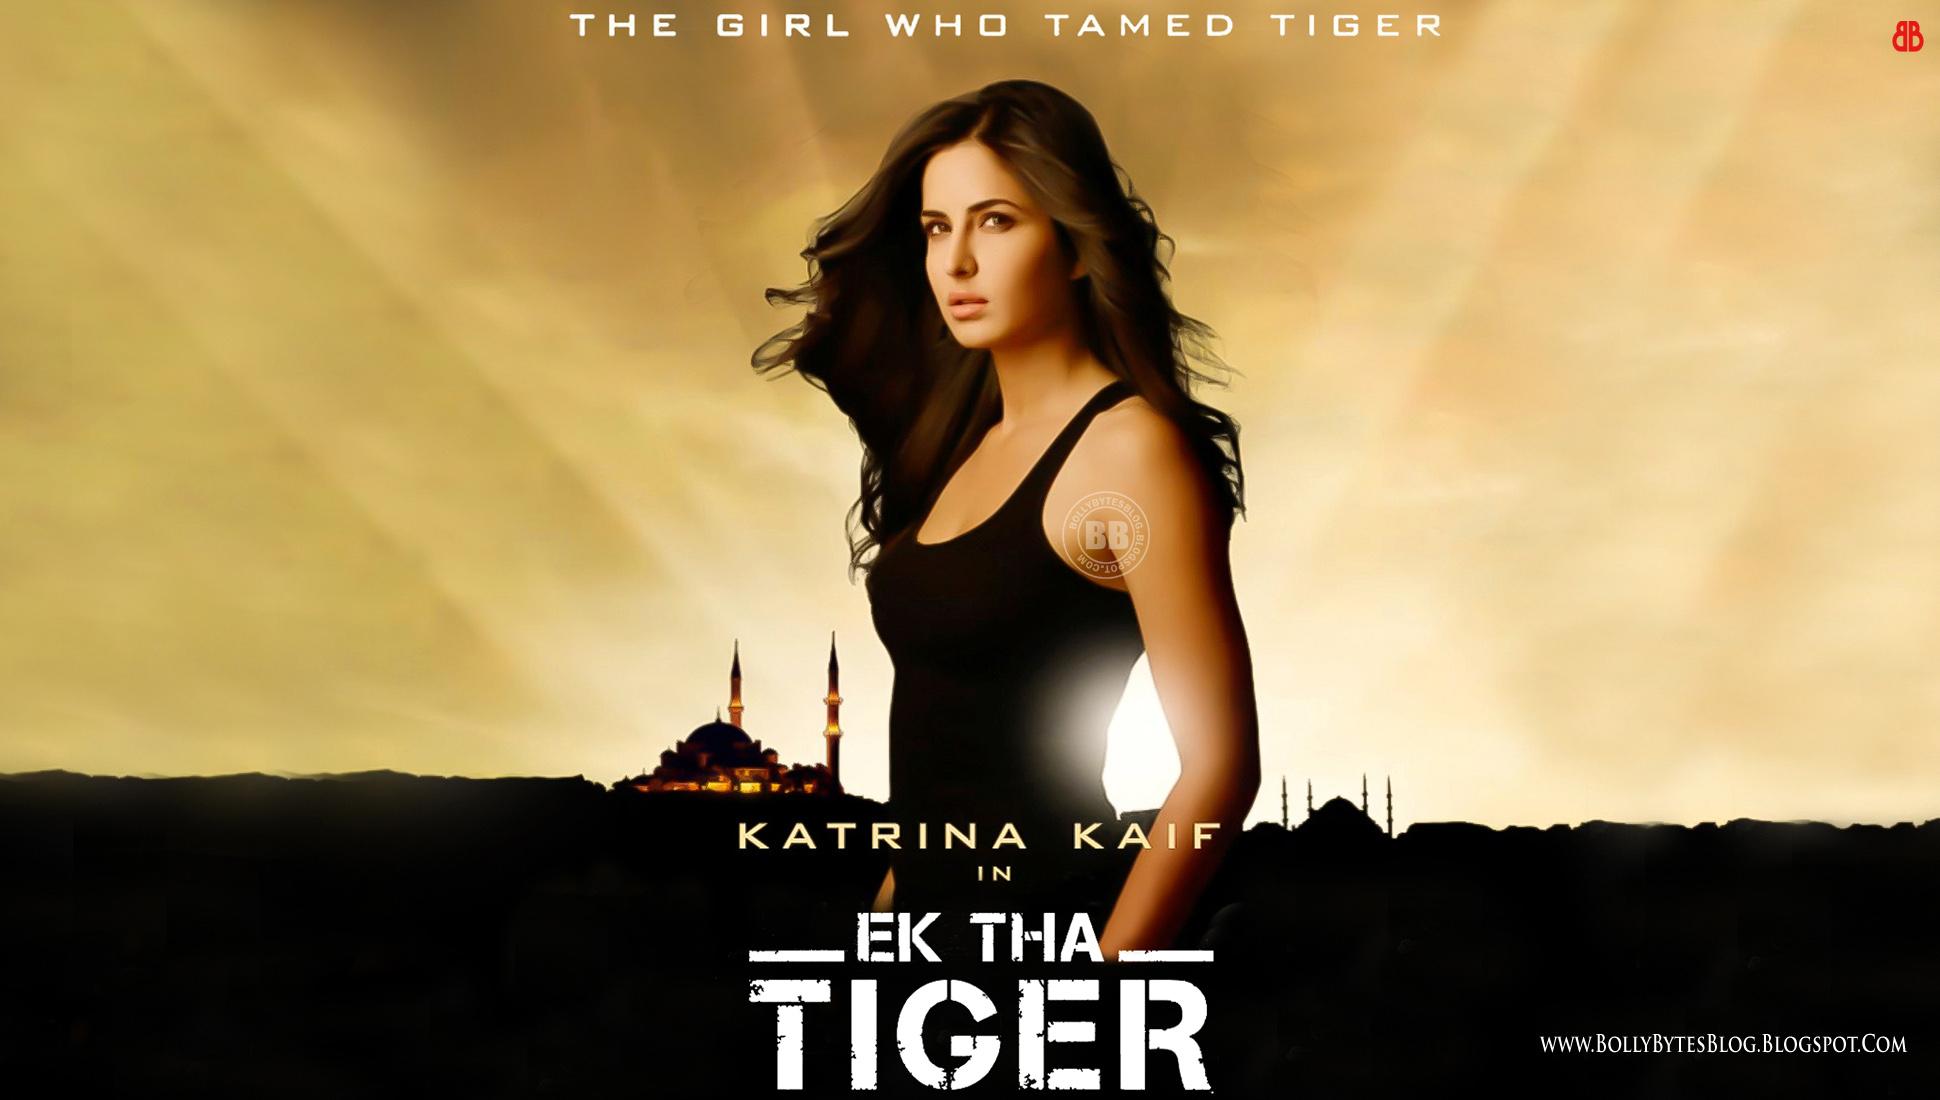 http://1.bp.blogspot.com/-ooGdM4P64xQ/T-iK5_AGFVI/AAAAAAAALA8/TN3Ywa7Bm2g/s1940/Ek-Tha-Tiger-Hot-Katrina-Kaif-HD-Wallpaper-06.jpg